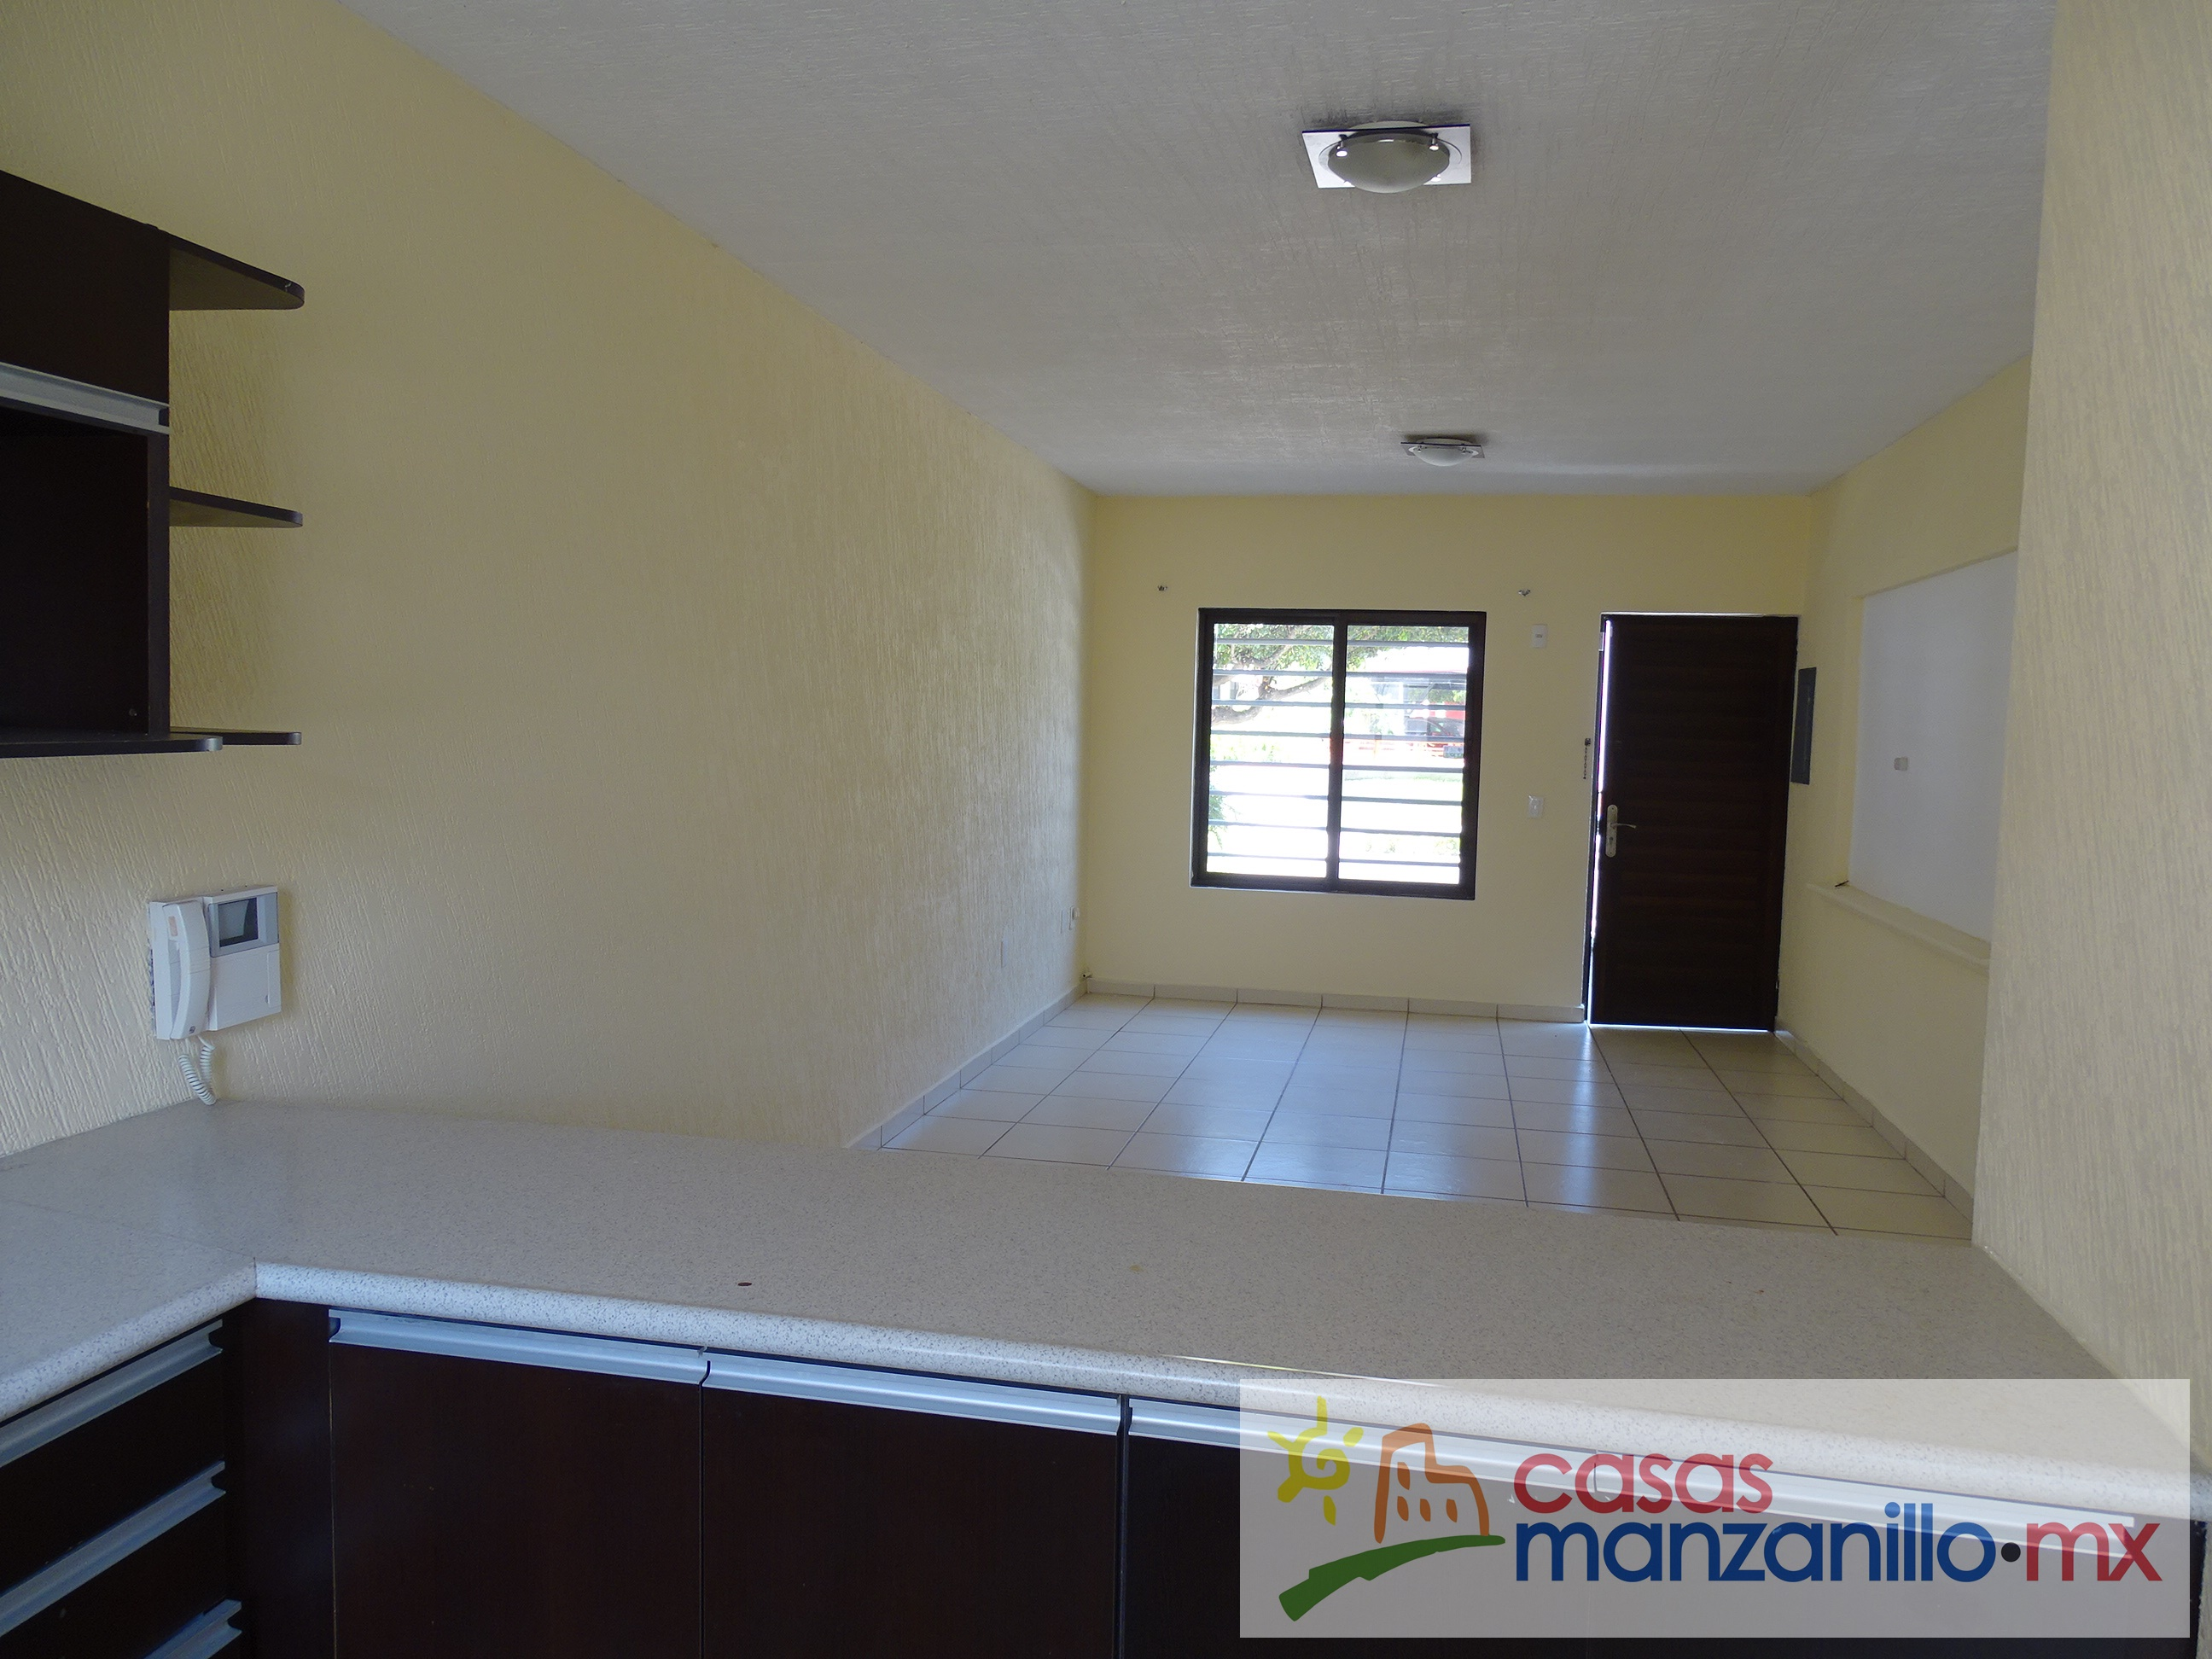 Casas RENTA Manzanillo - Almendros 3 (9)